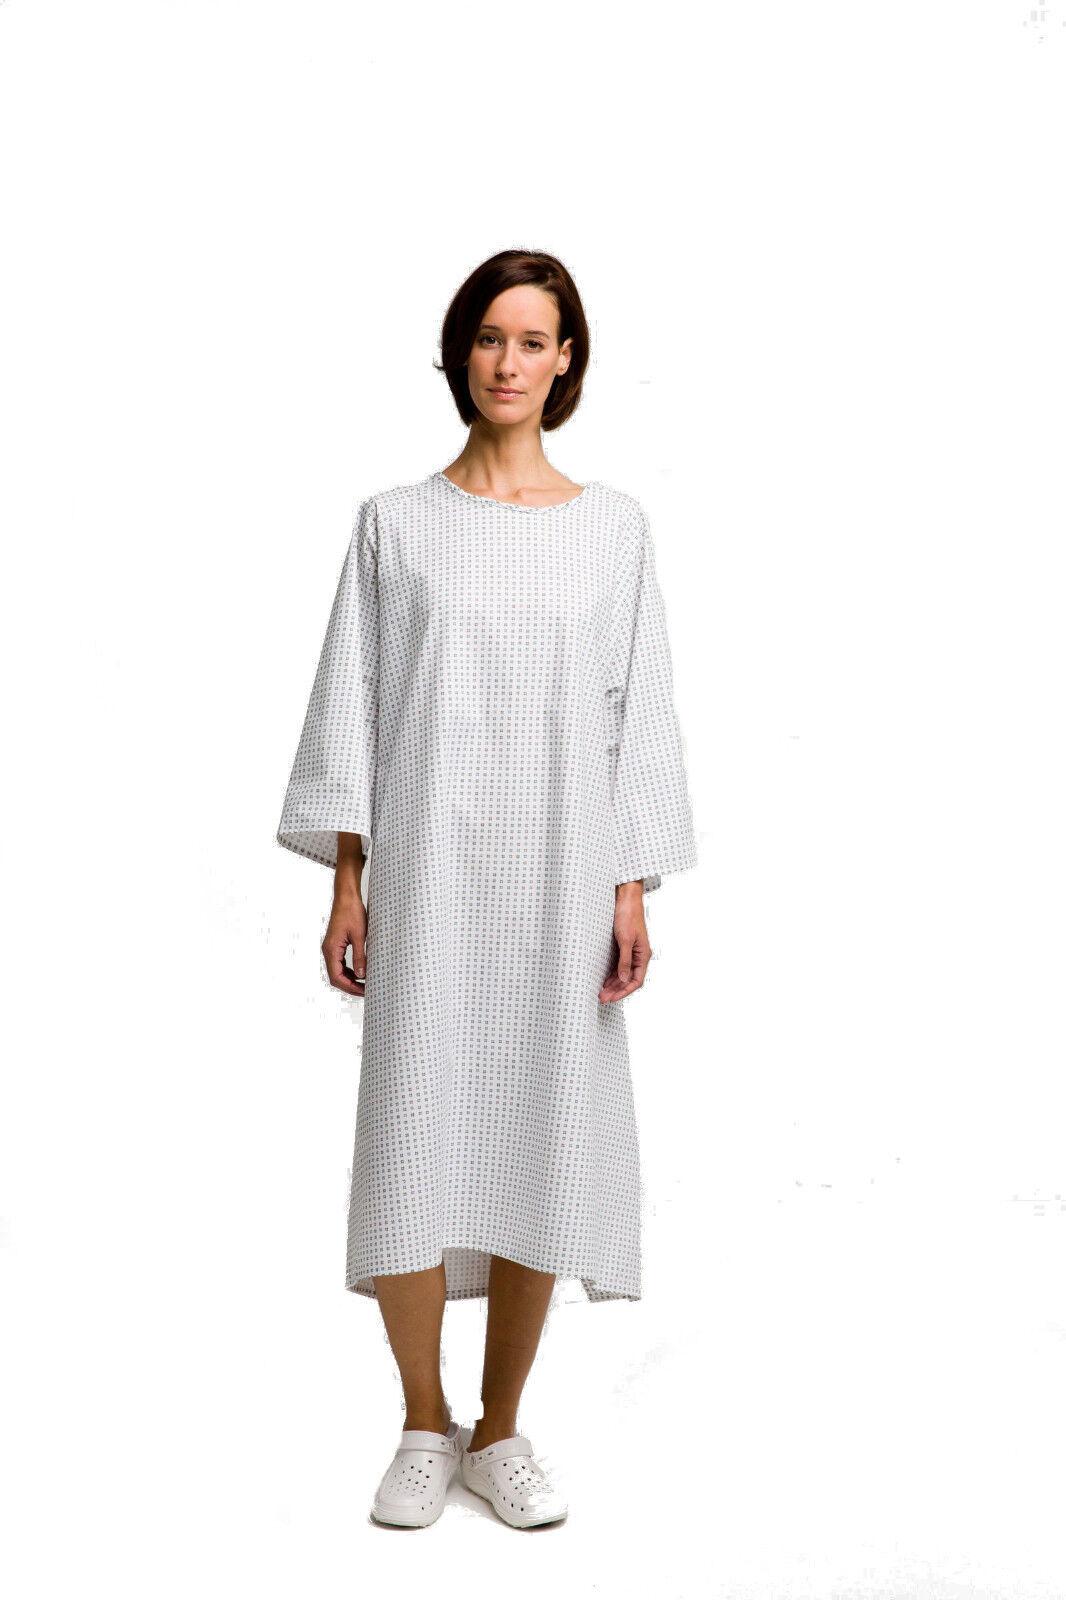 Patientenhemd OTTO Krankenhemd Pflegehemd Nachthemd Patientenhemd Einheitsgröße